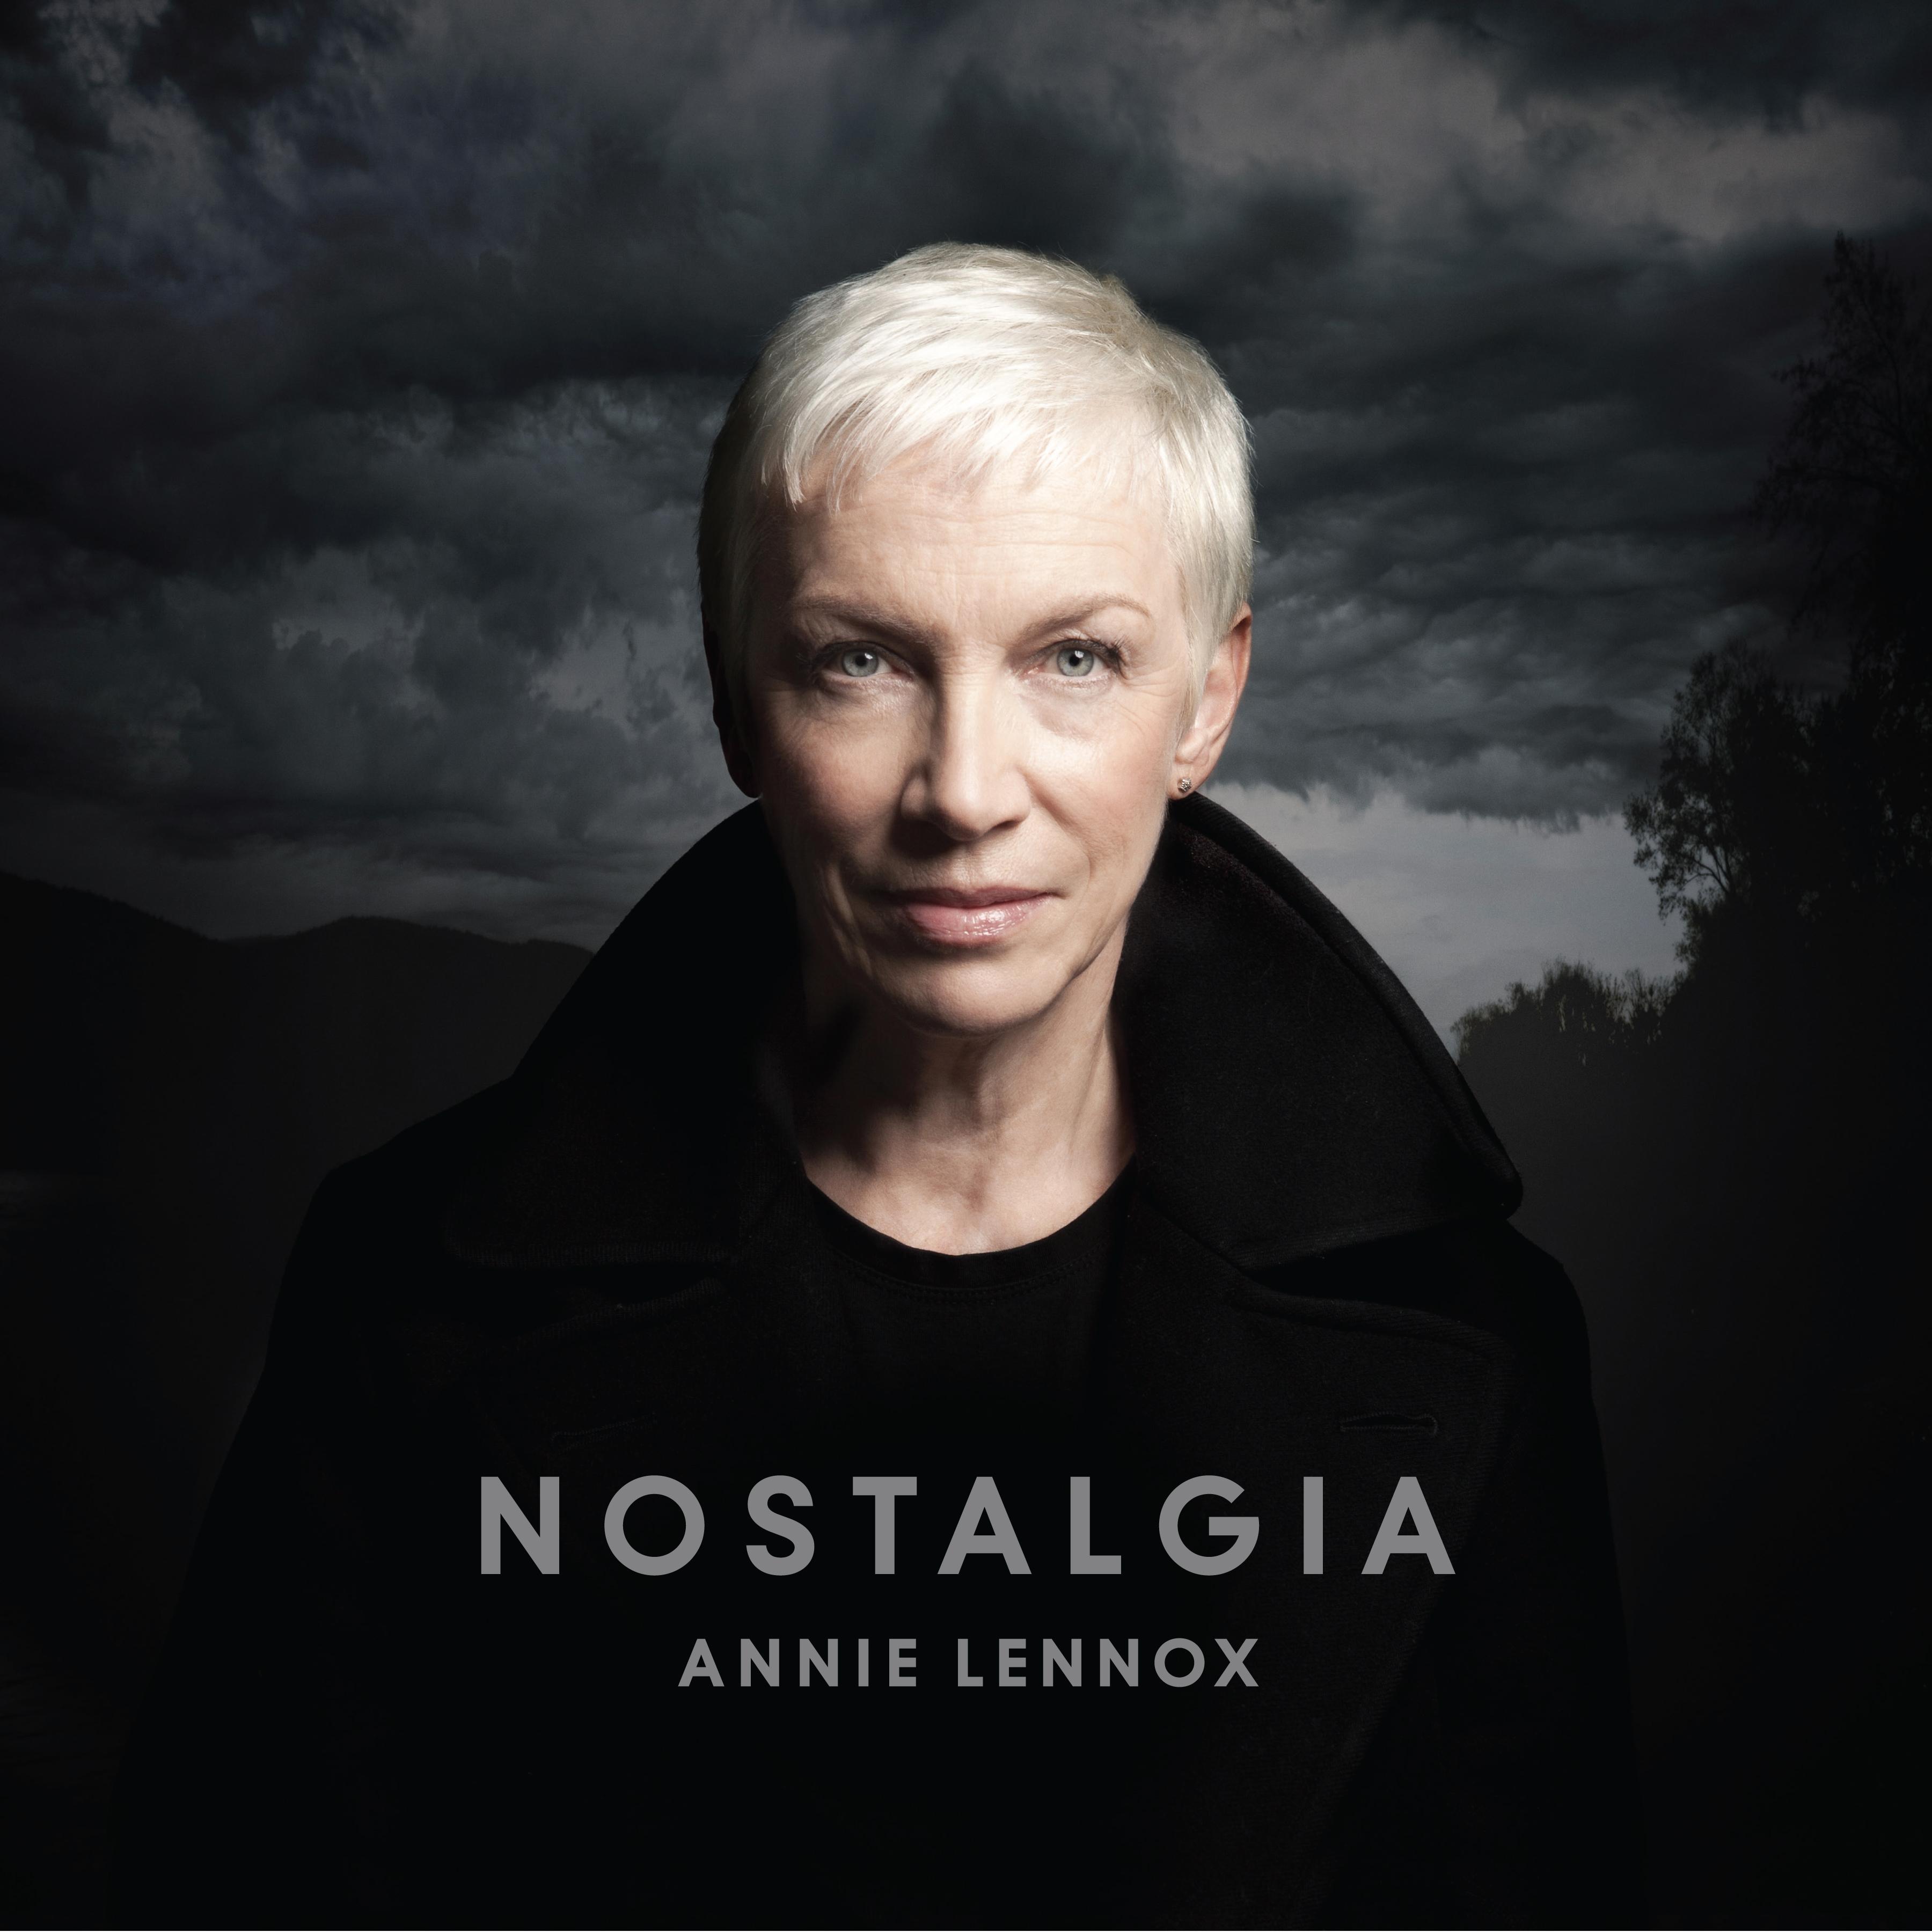 AnnieLennox-Nostalgia-AlbumCover1